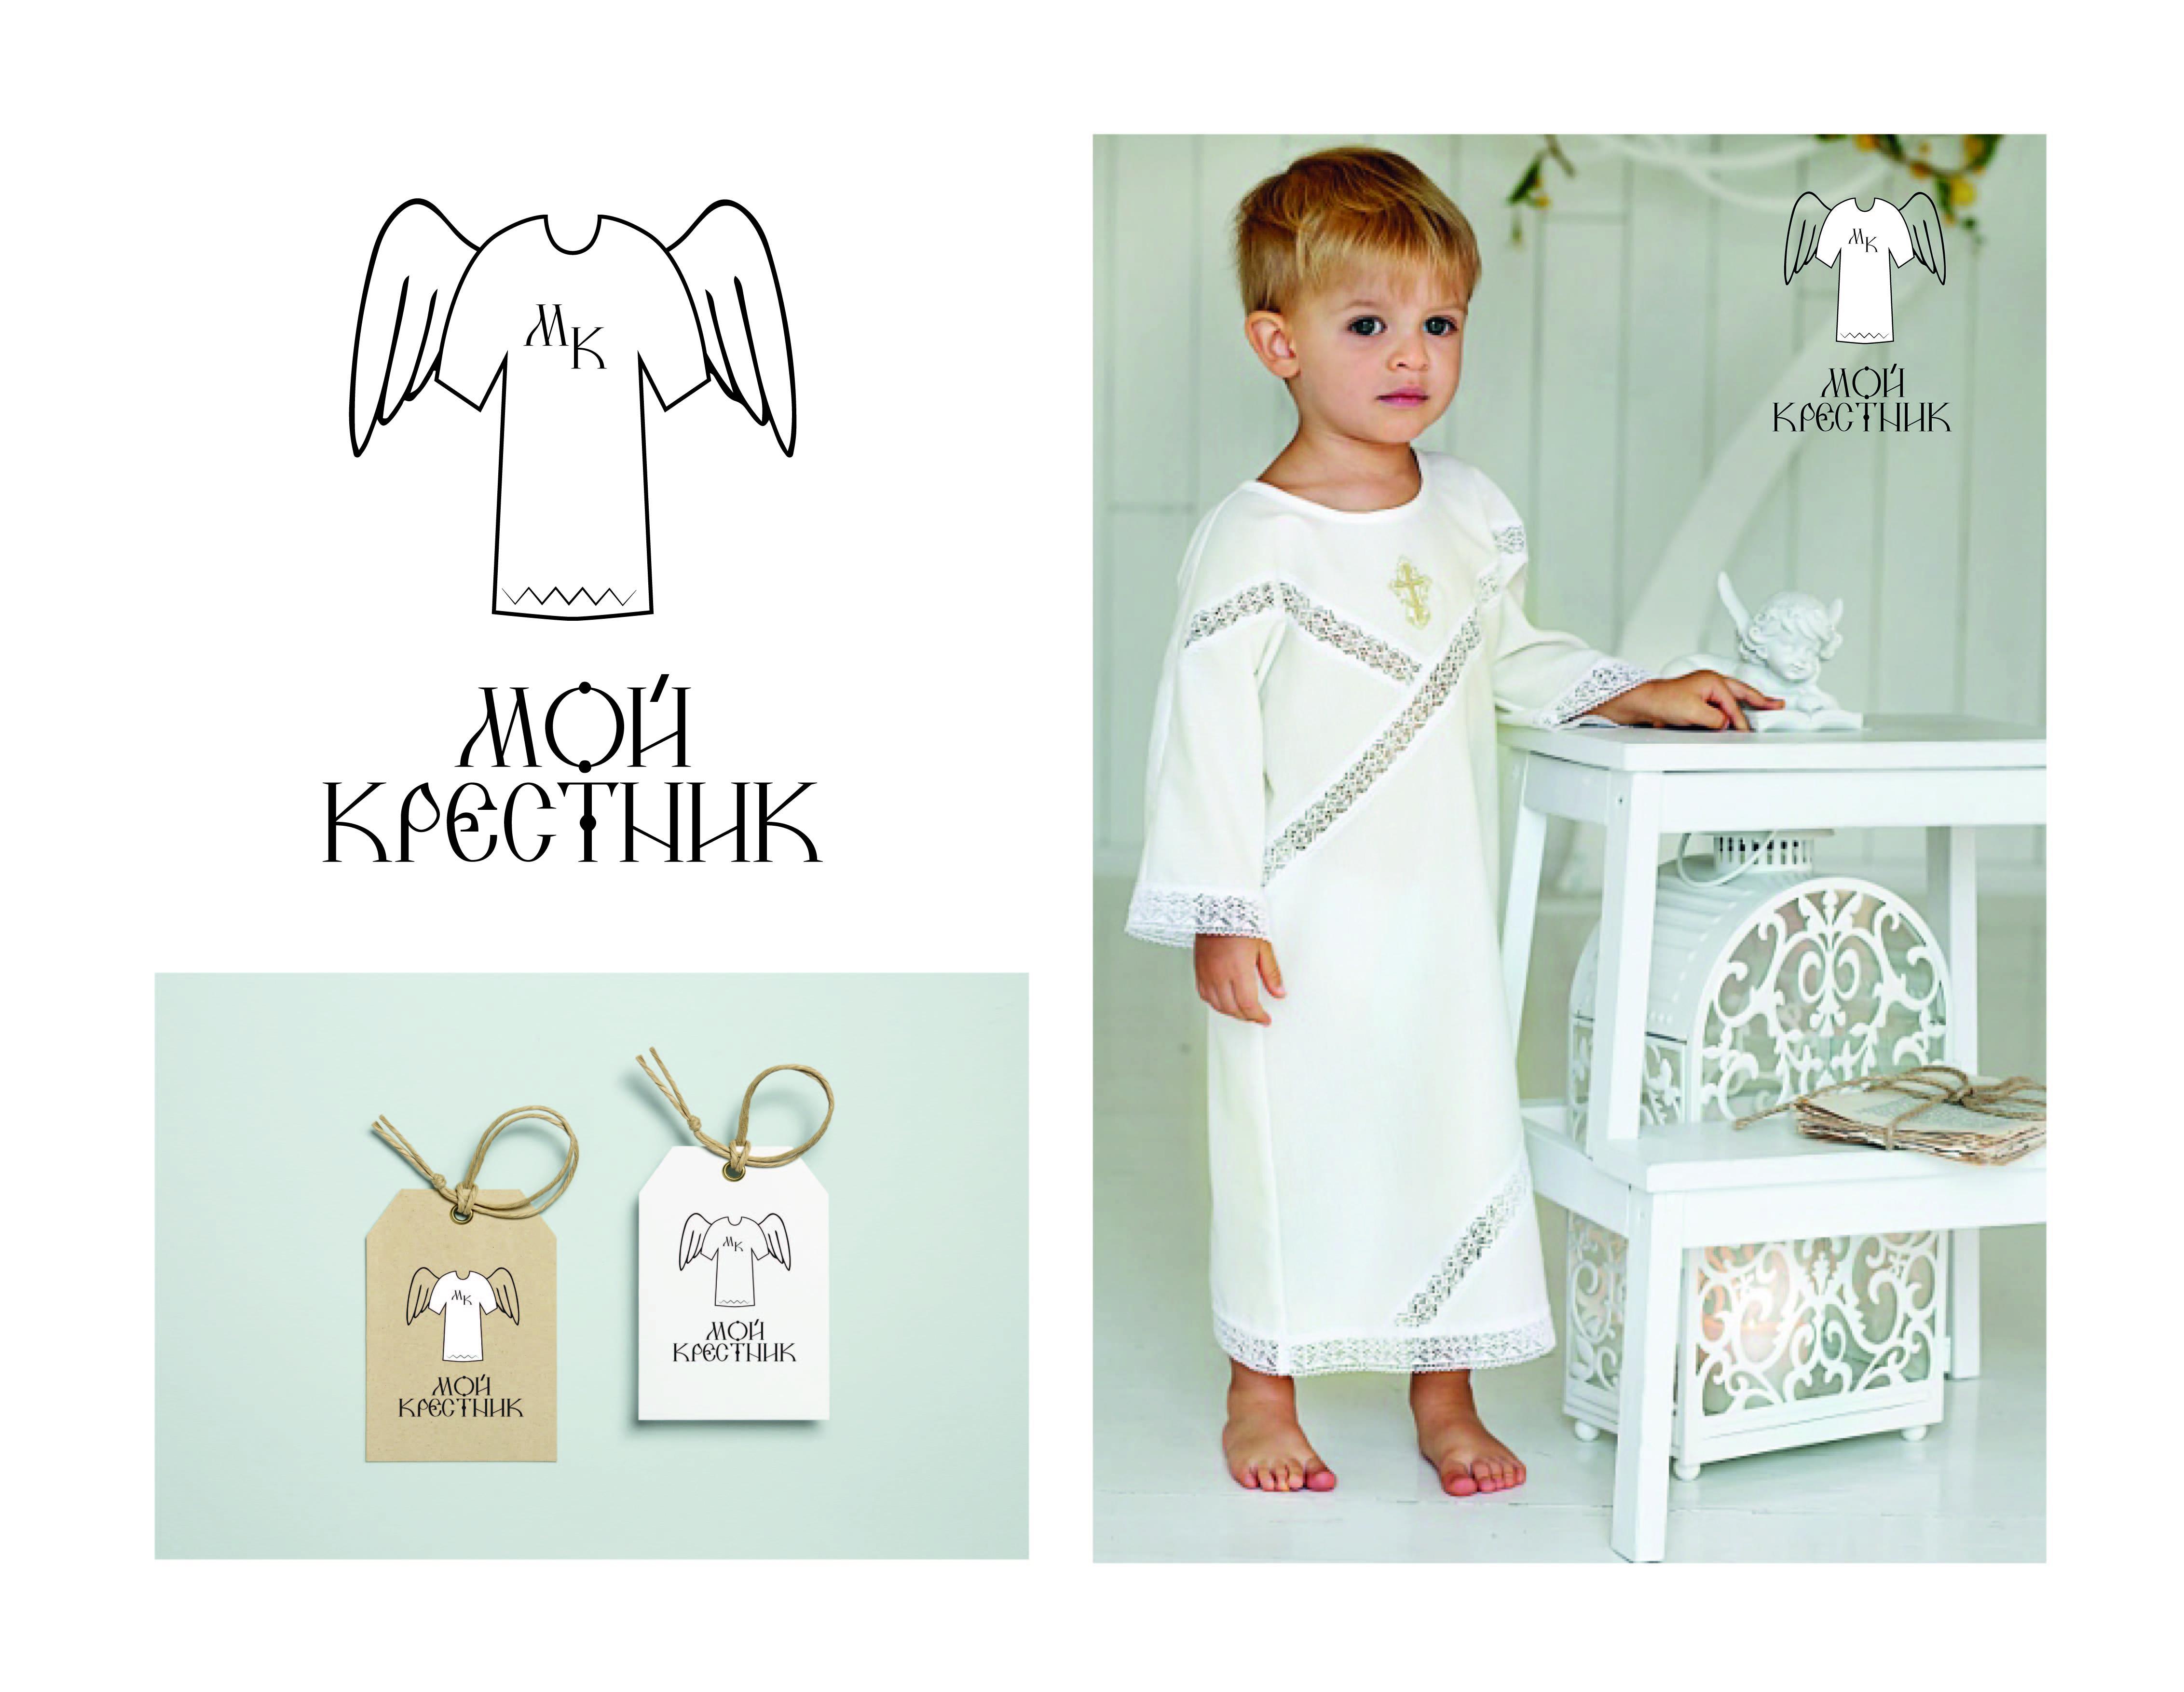 Логотип для крестильной одежды(детской). фото f_3035d544b4039ab3.jpg